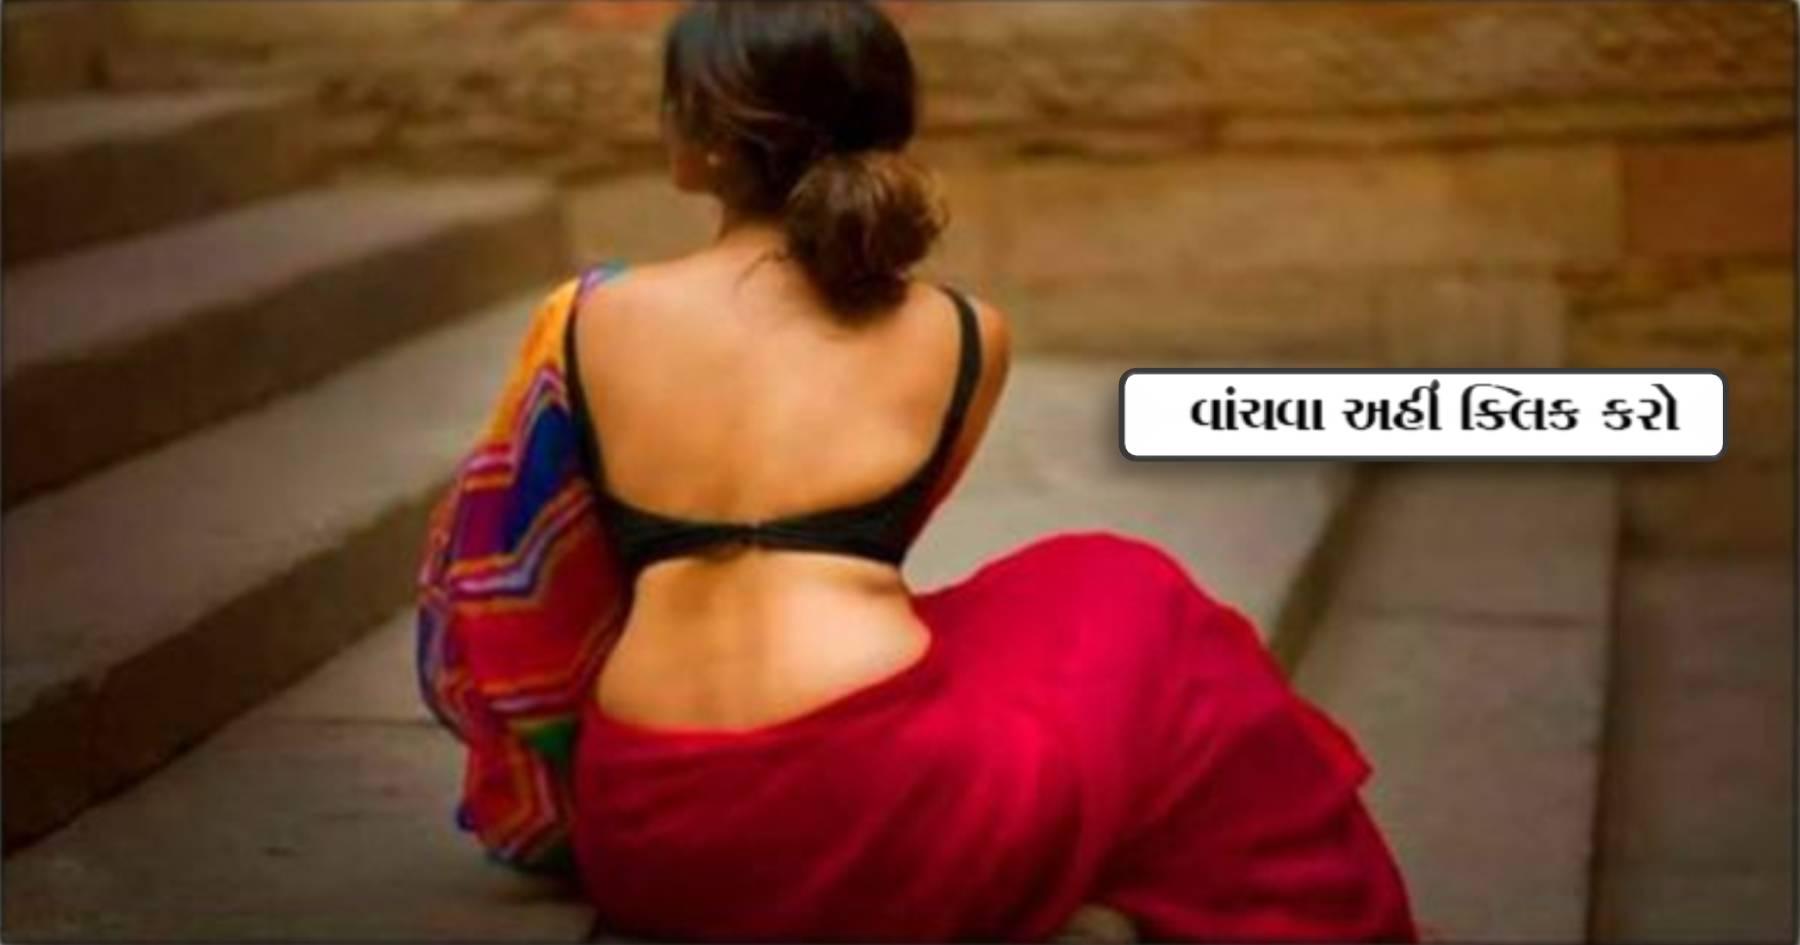 આ રાશિની છોકરીઓ રૉમેન્ટીક અને કામૂક સ્વભાવની હોય છે, અને તે બેડ પર મચાવે ધુમ…